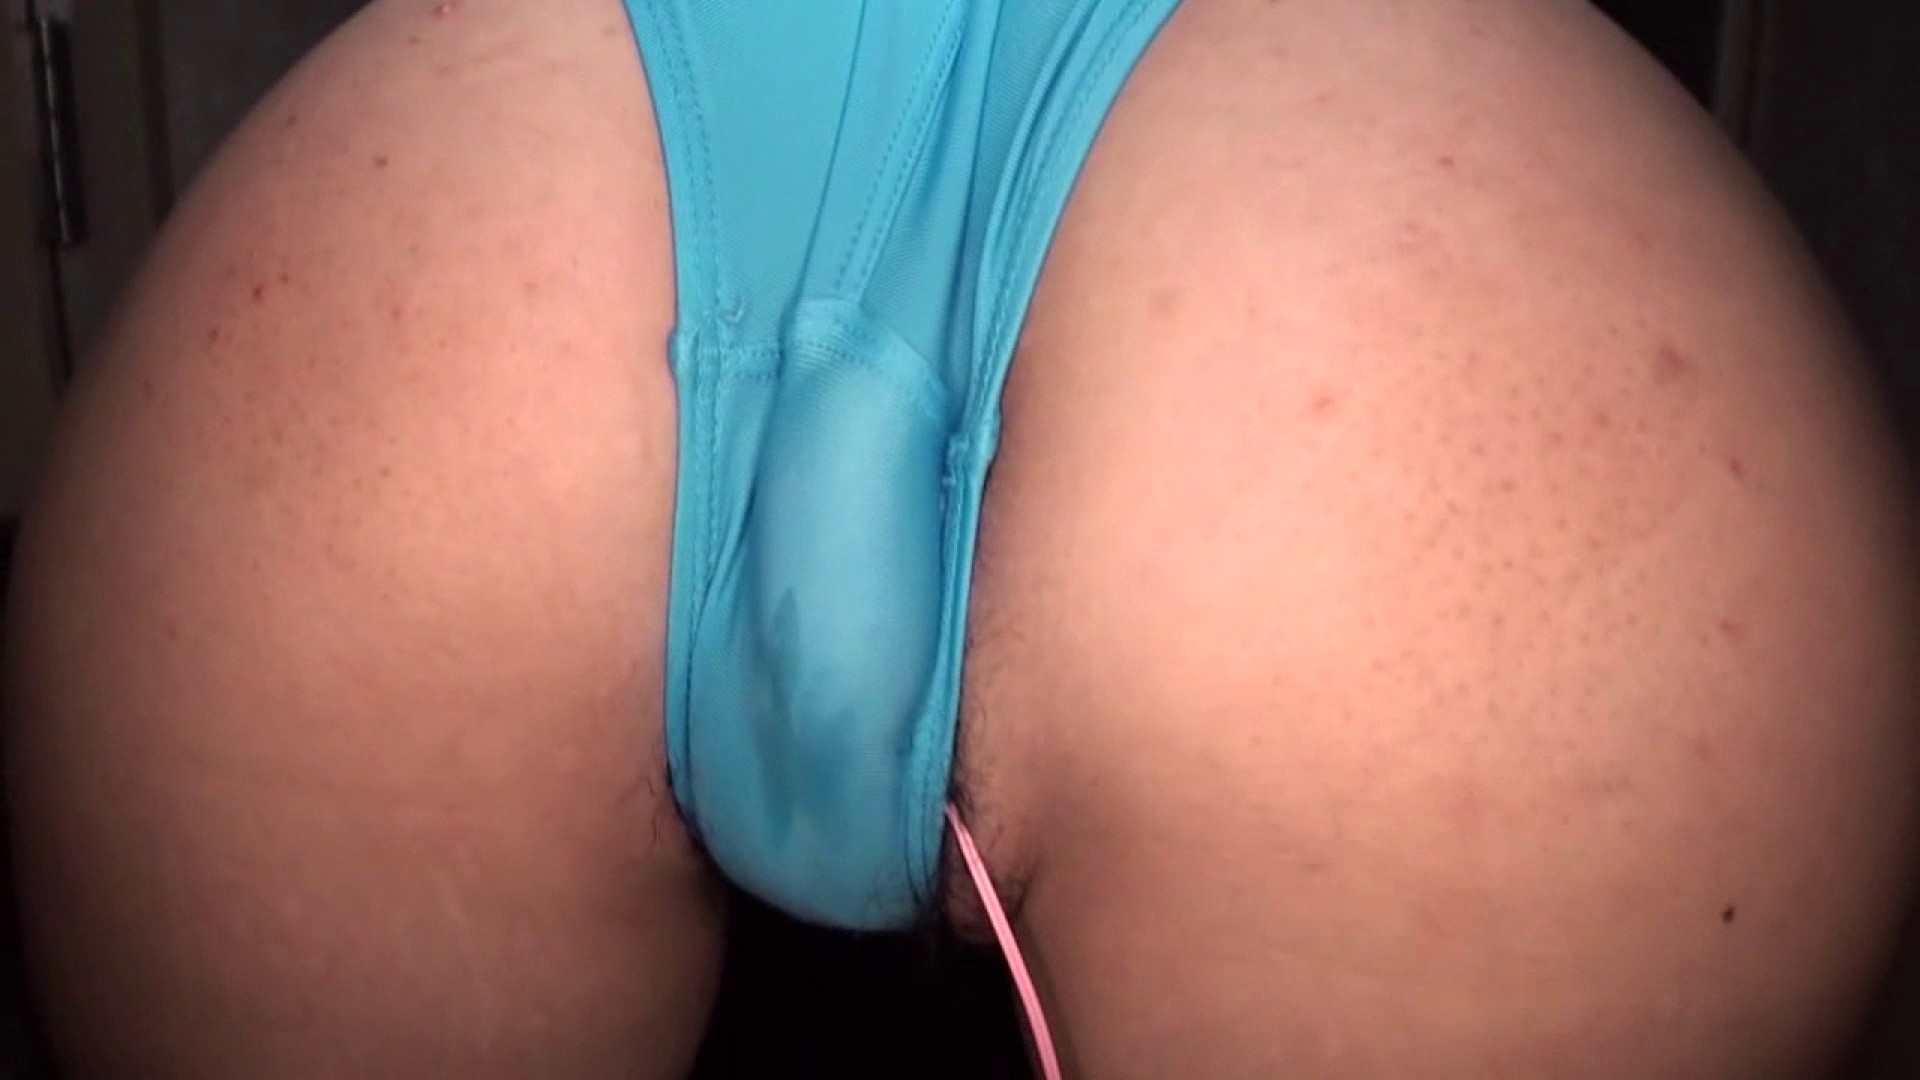 おしえてギャル子のH塾 Vol.40 フェラ | 水着  88連発 14